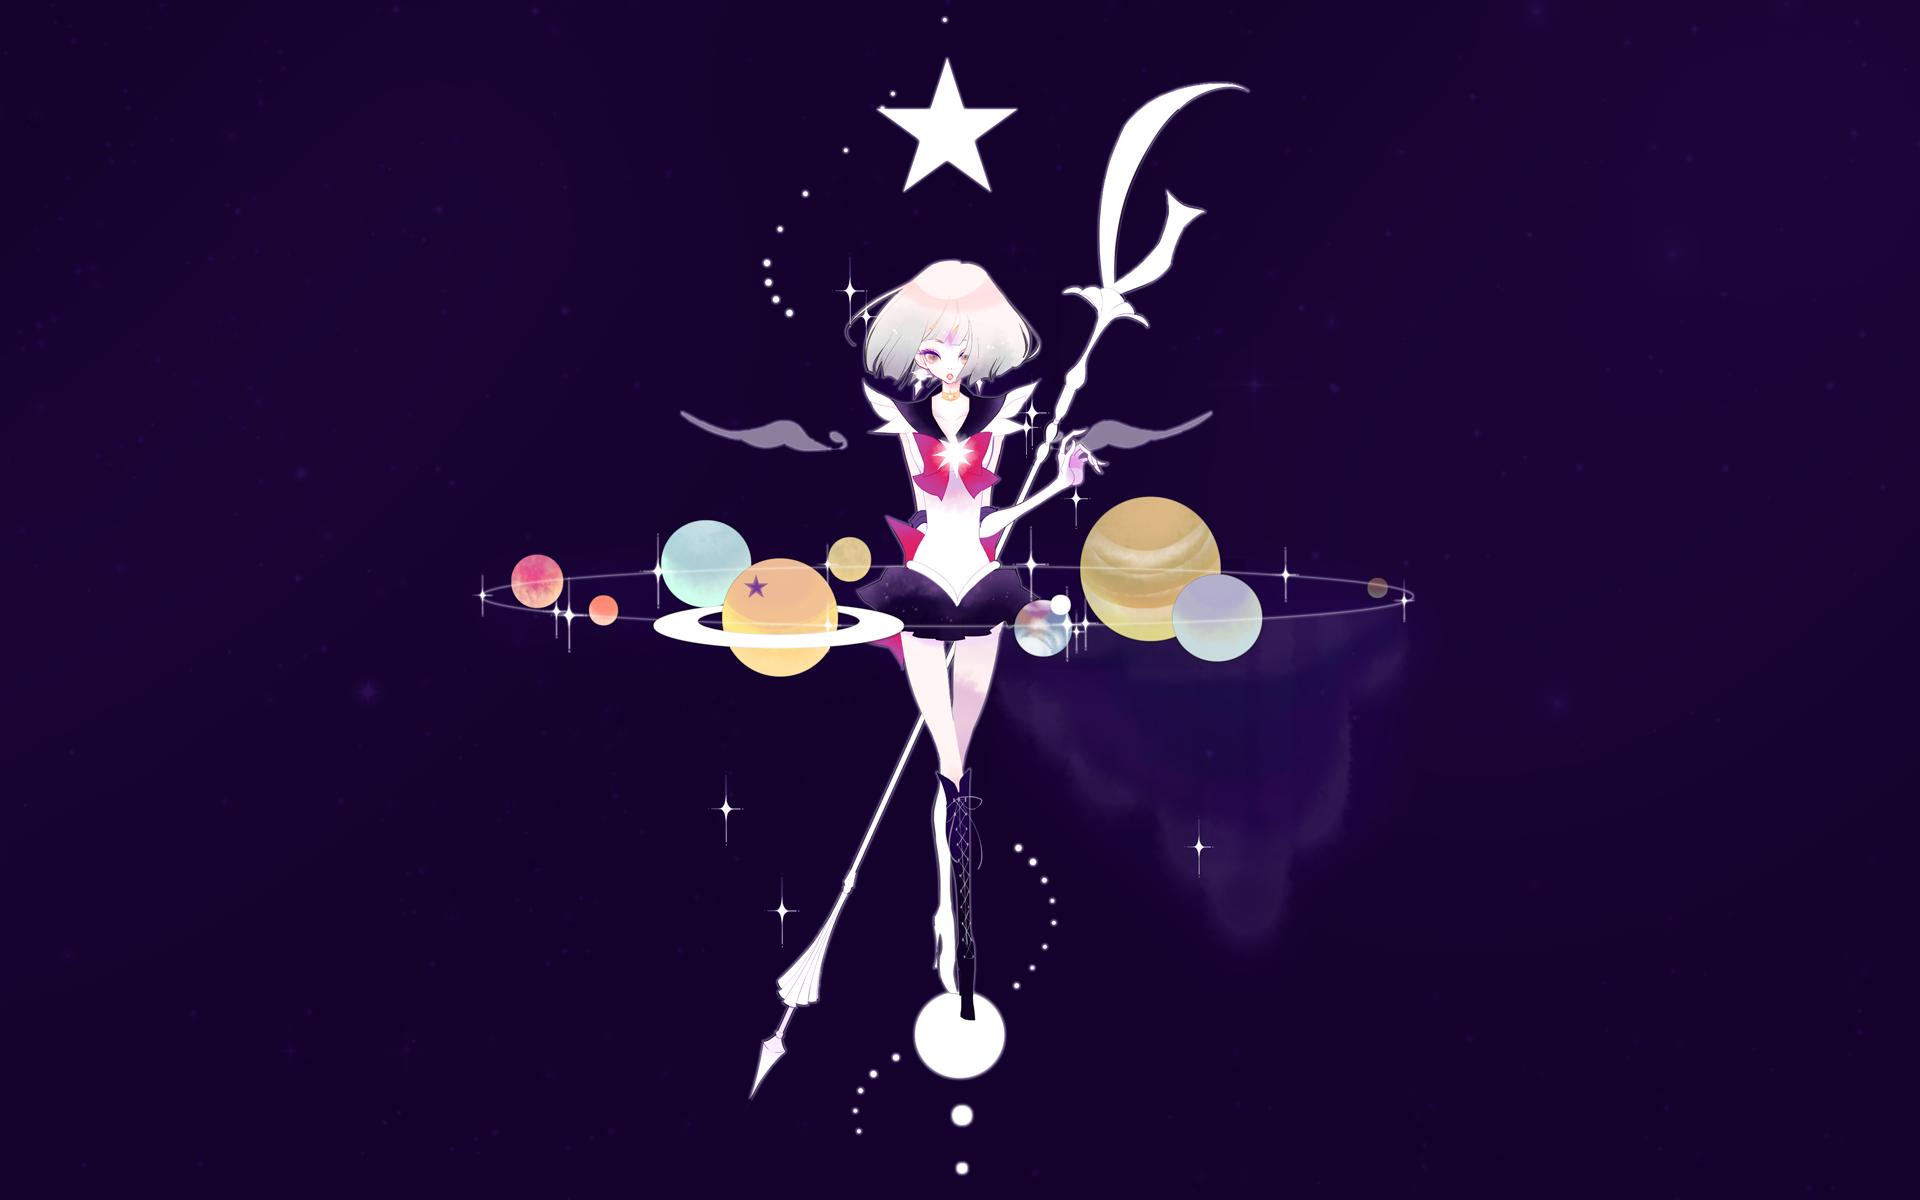 Sailor Moon Desktop Backgrounds Wallpaper High Definition High 1920x1200